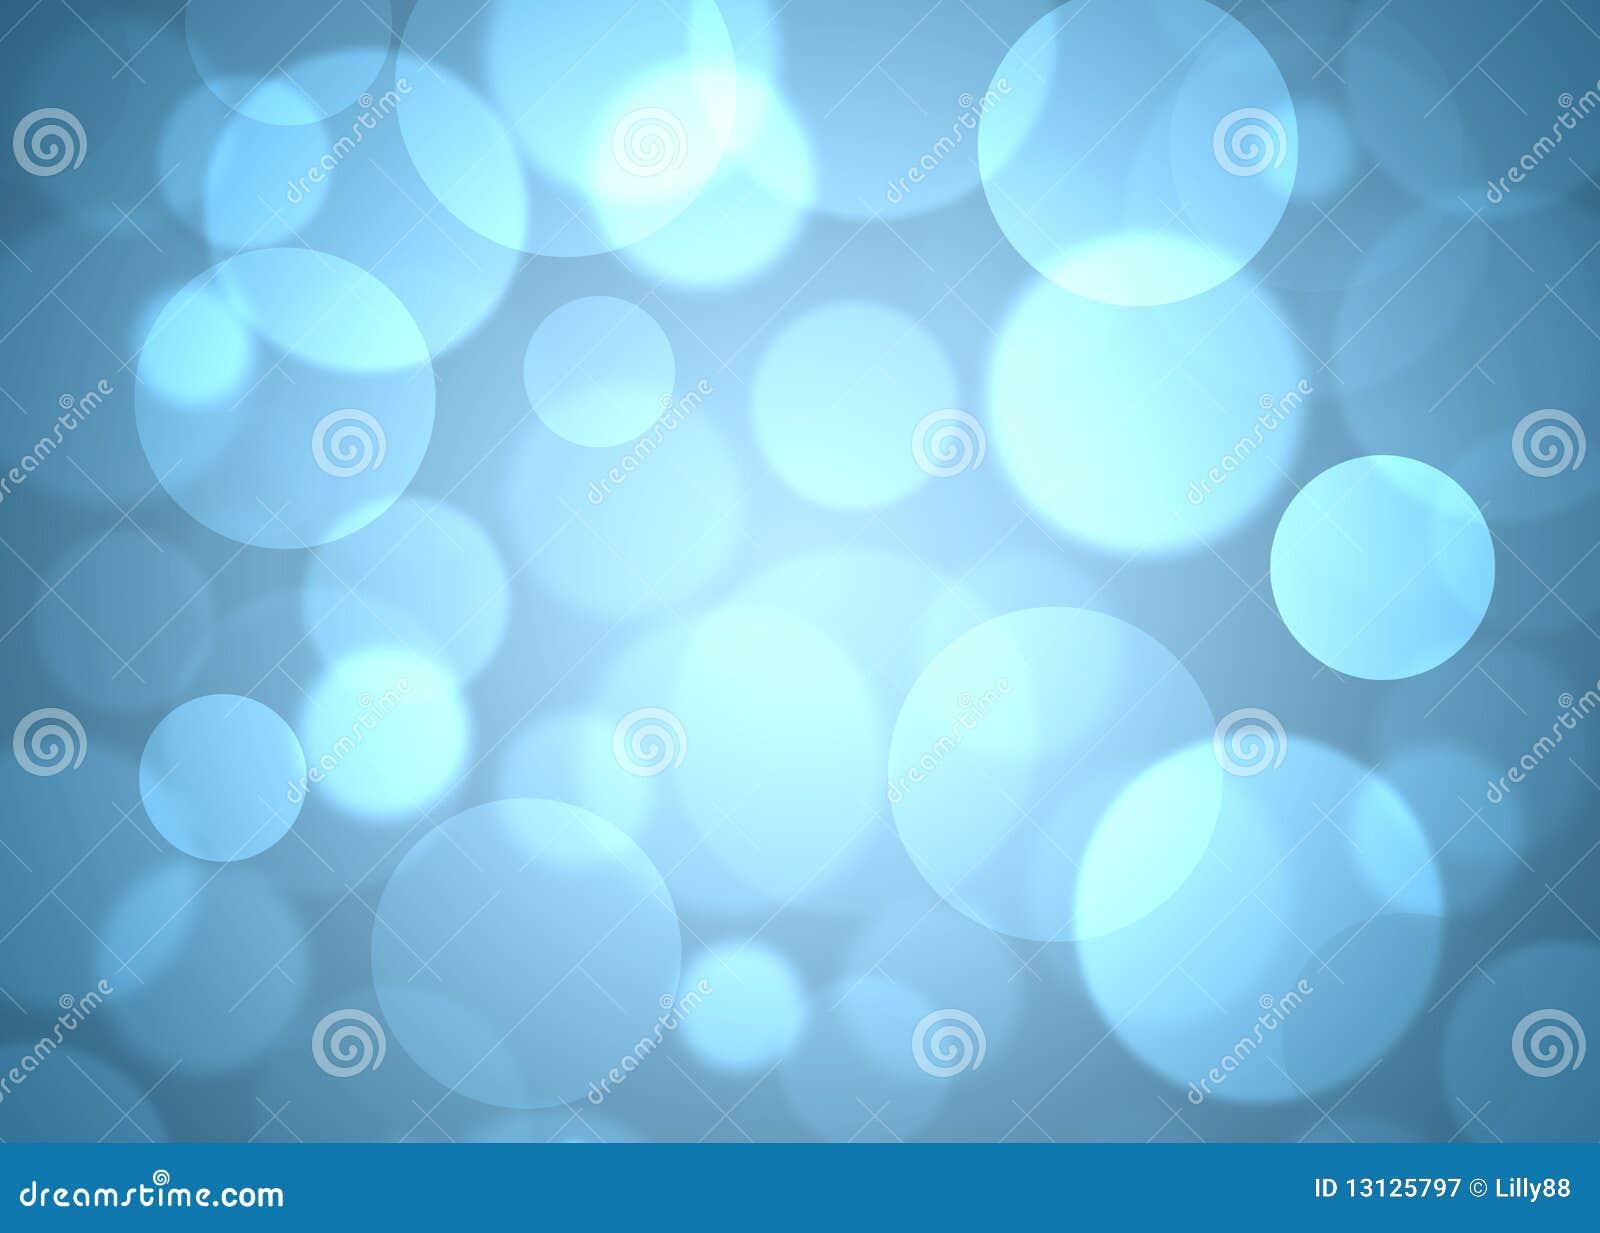 Blauwe cirkels abstracte achtergrond